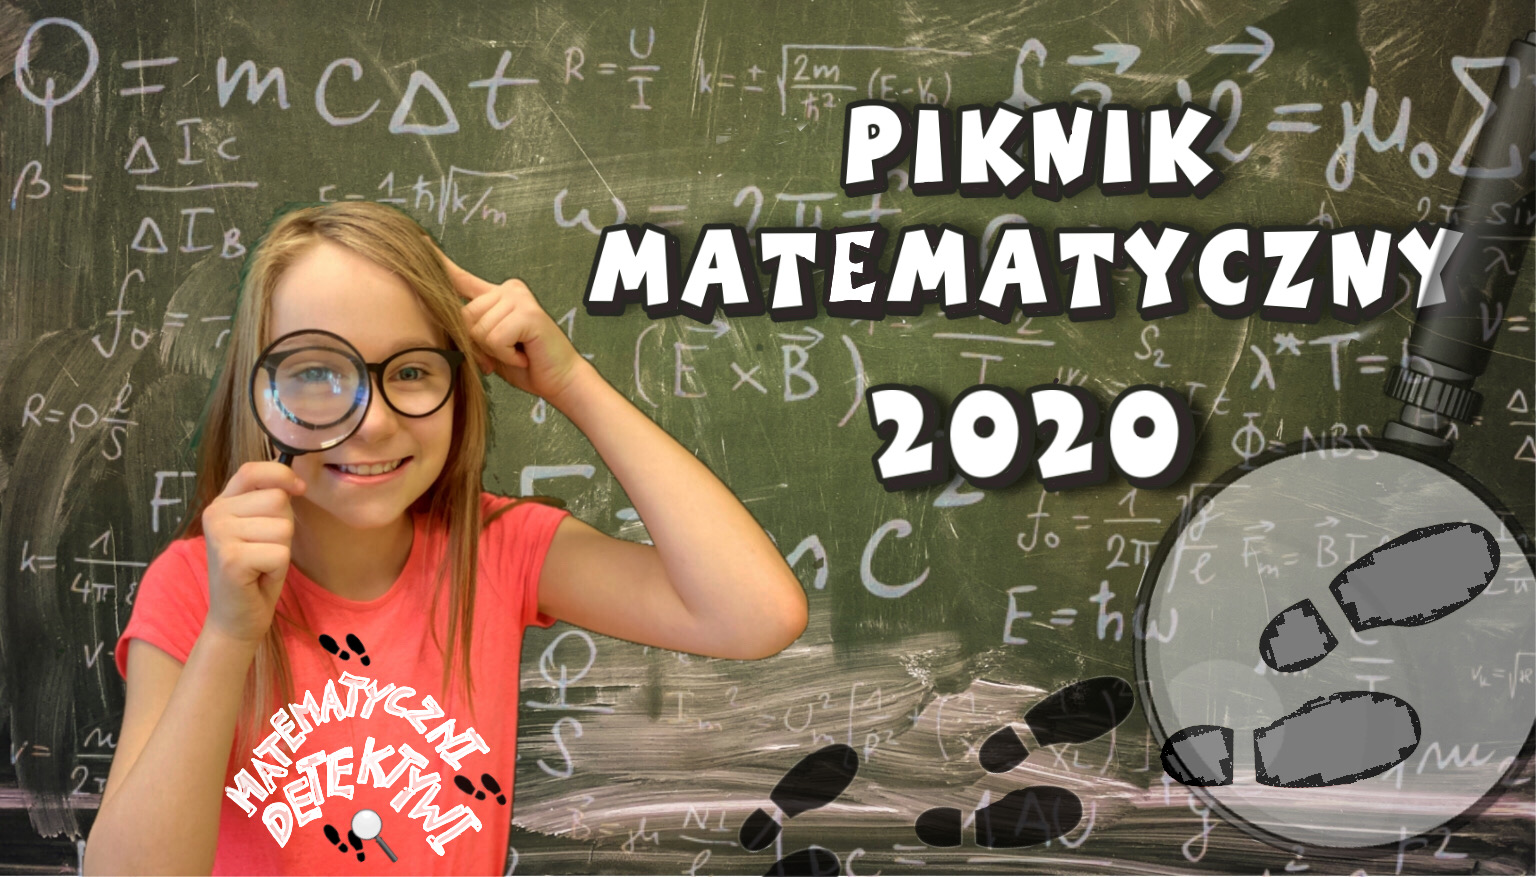 Piknik matematyczny 2020